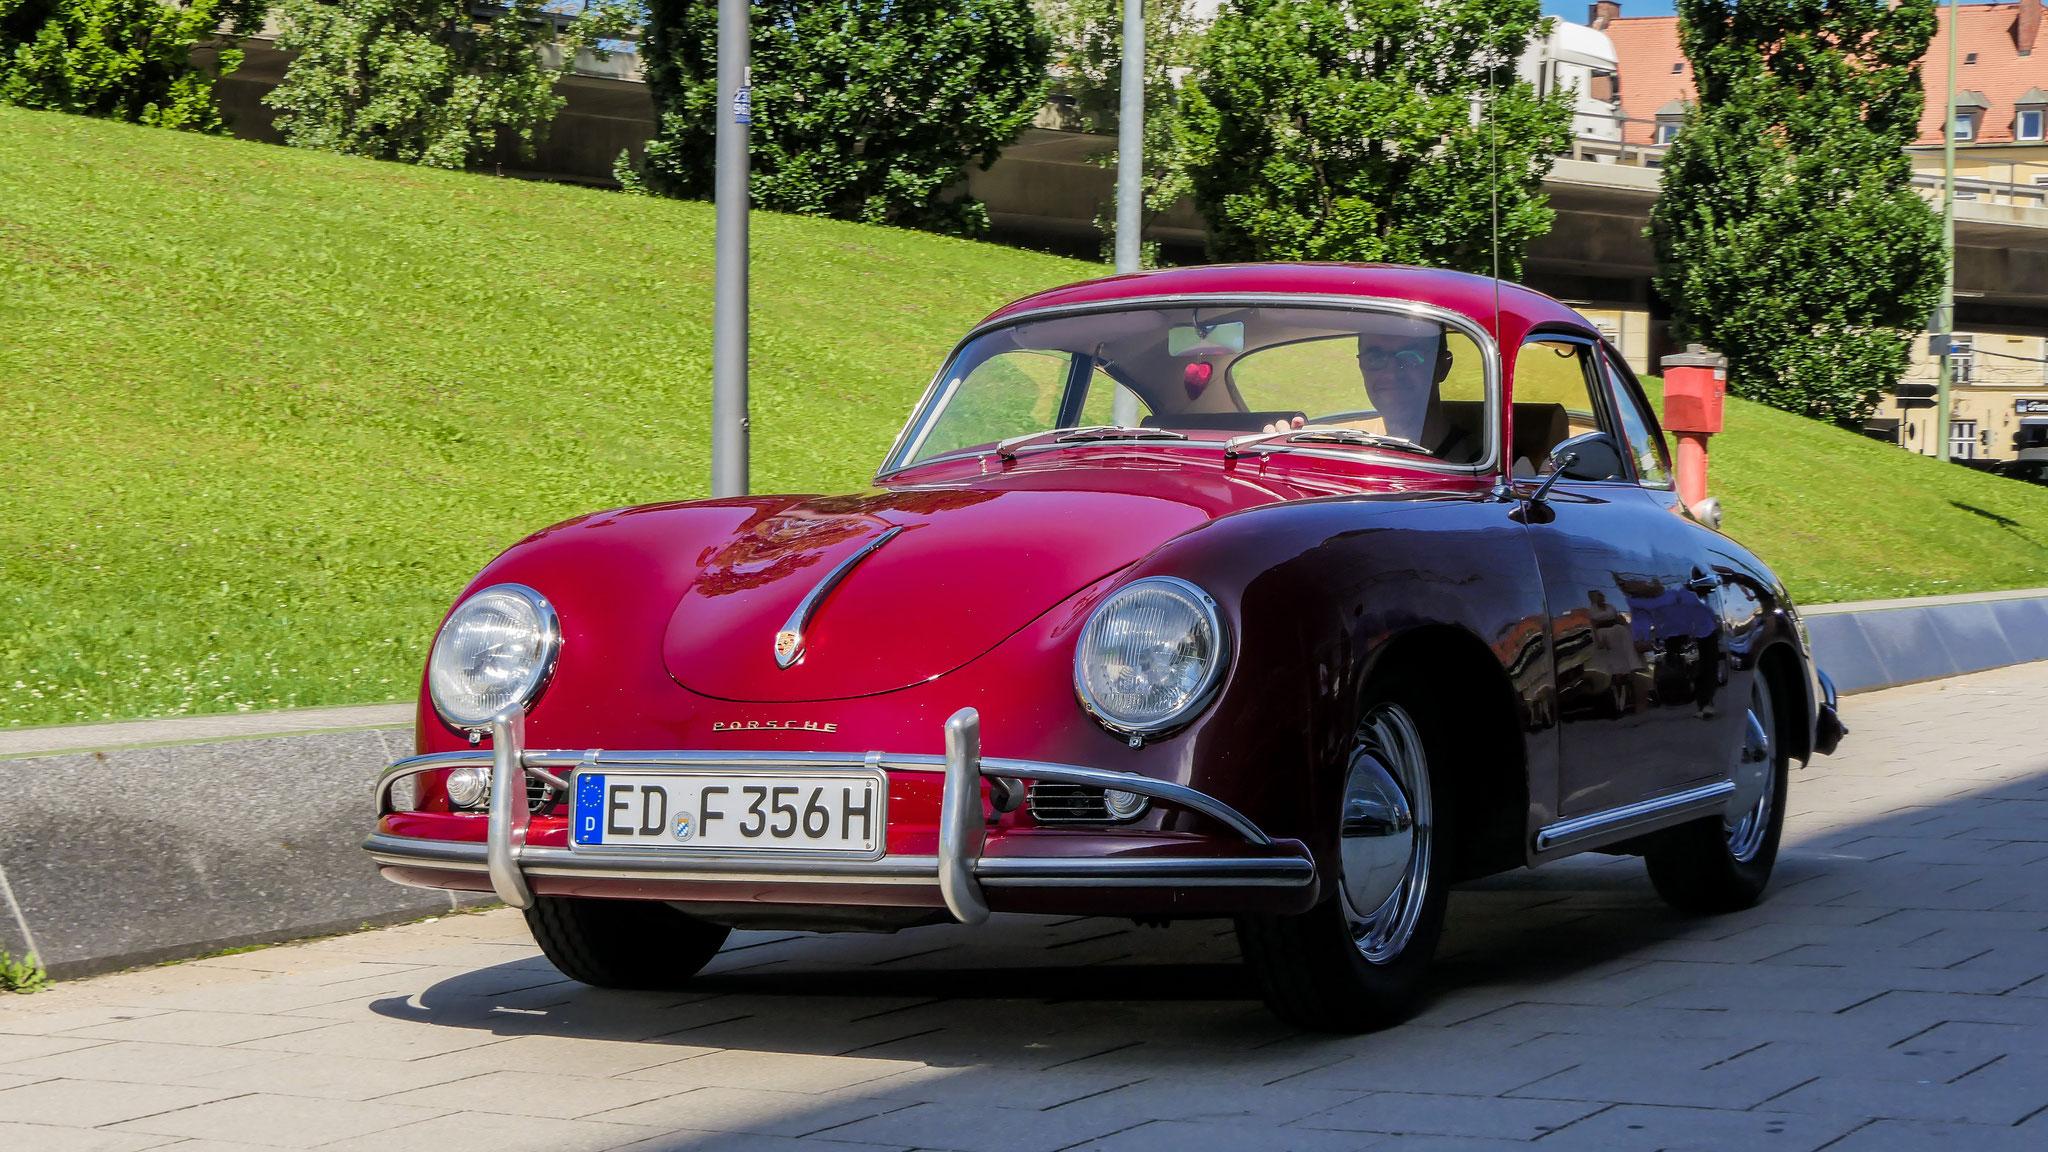 Porsche 356 1600 - ED-F-356H